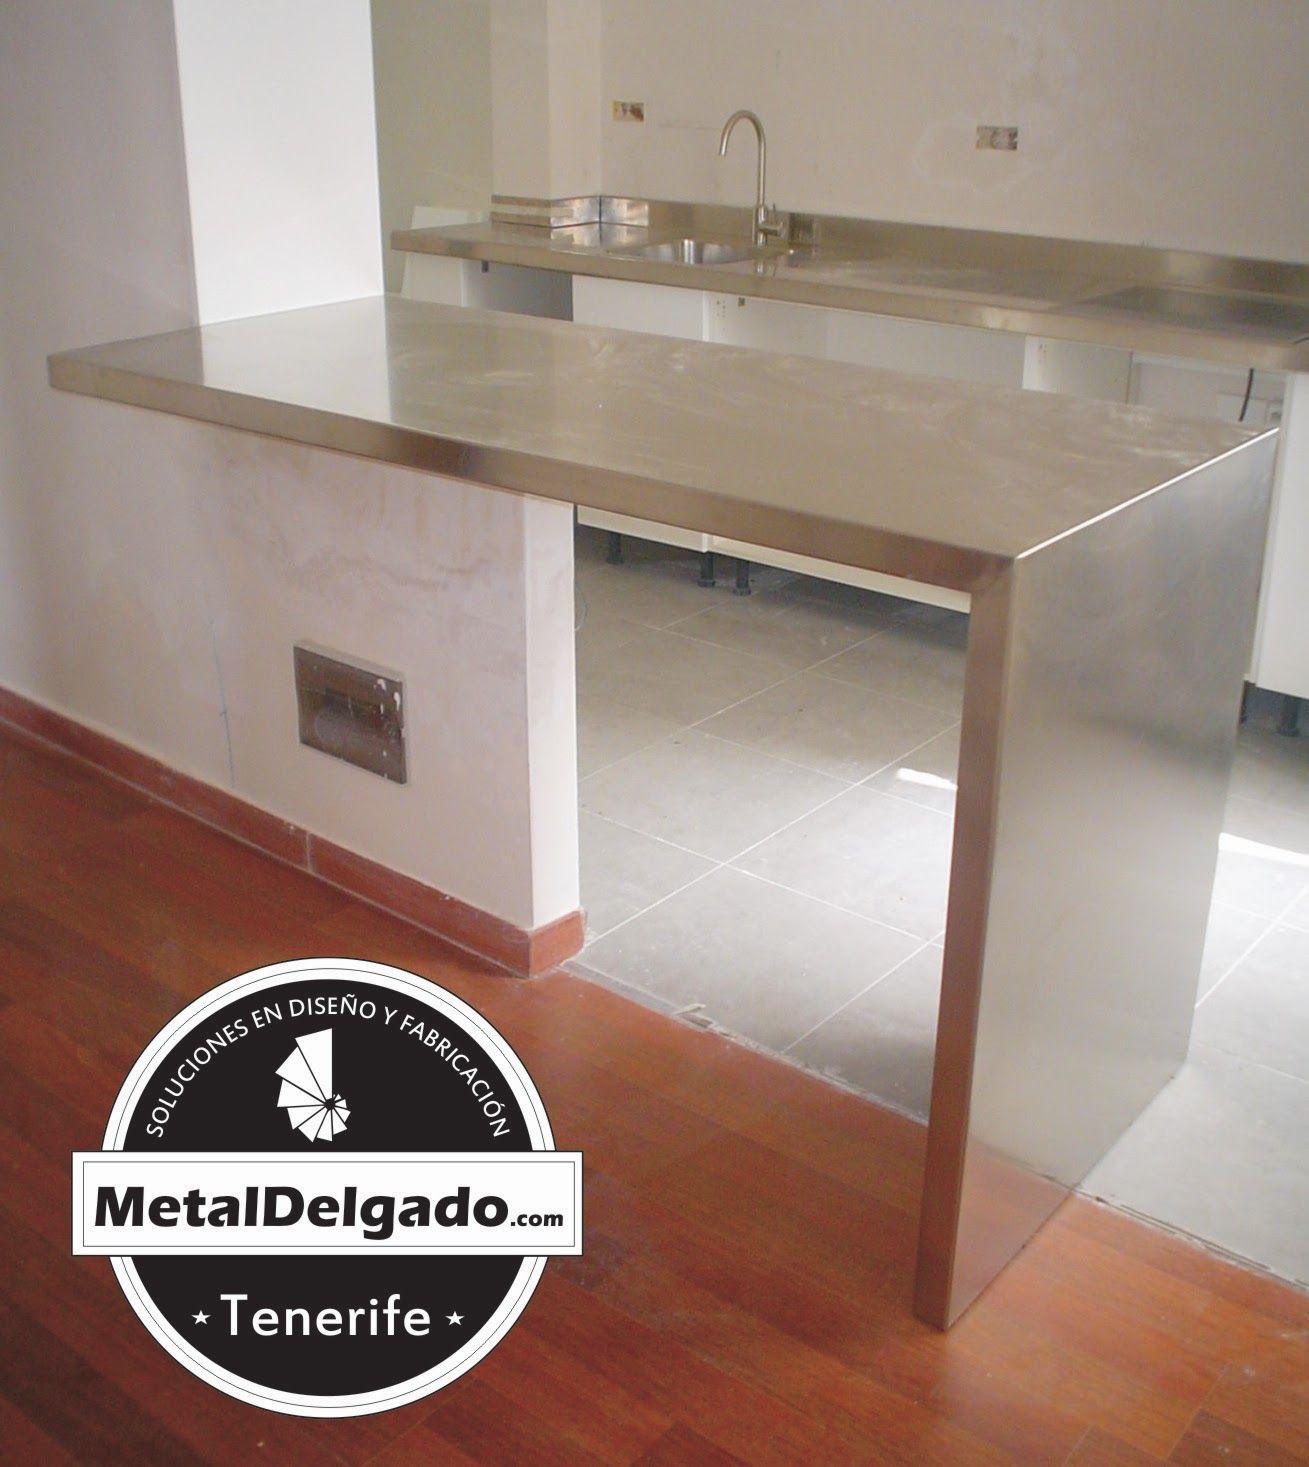 Acero Inoxidable Tenerife: Mobiliario Cocinas en Acero Inoxidable ...